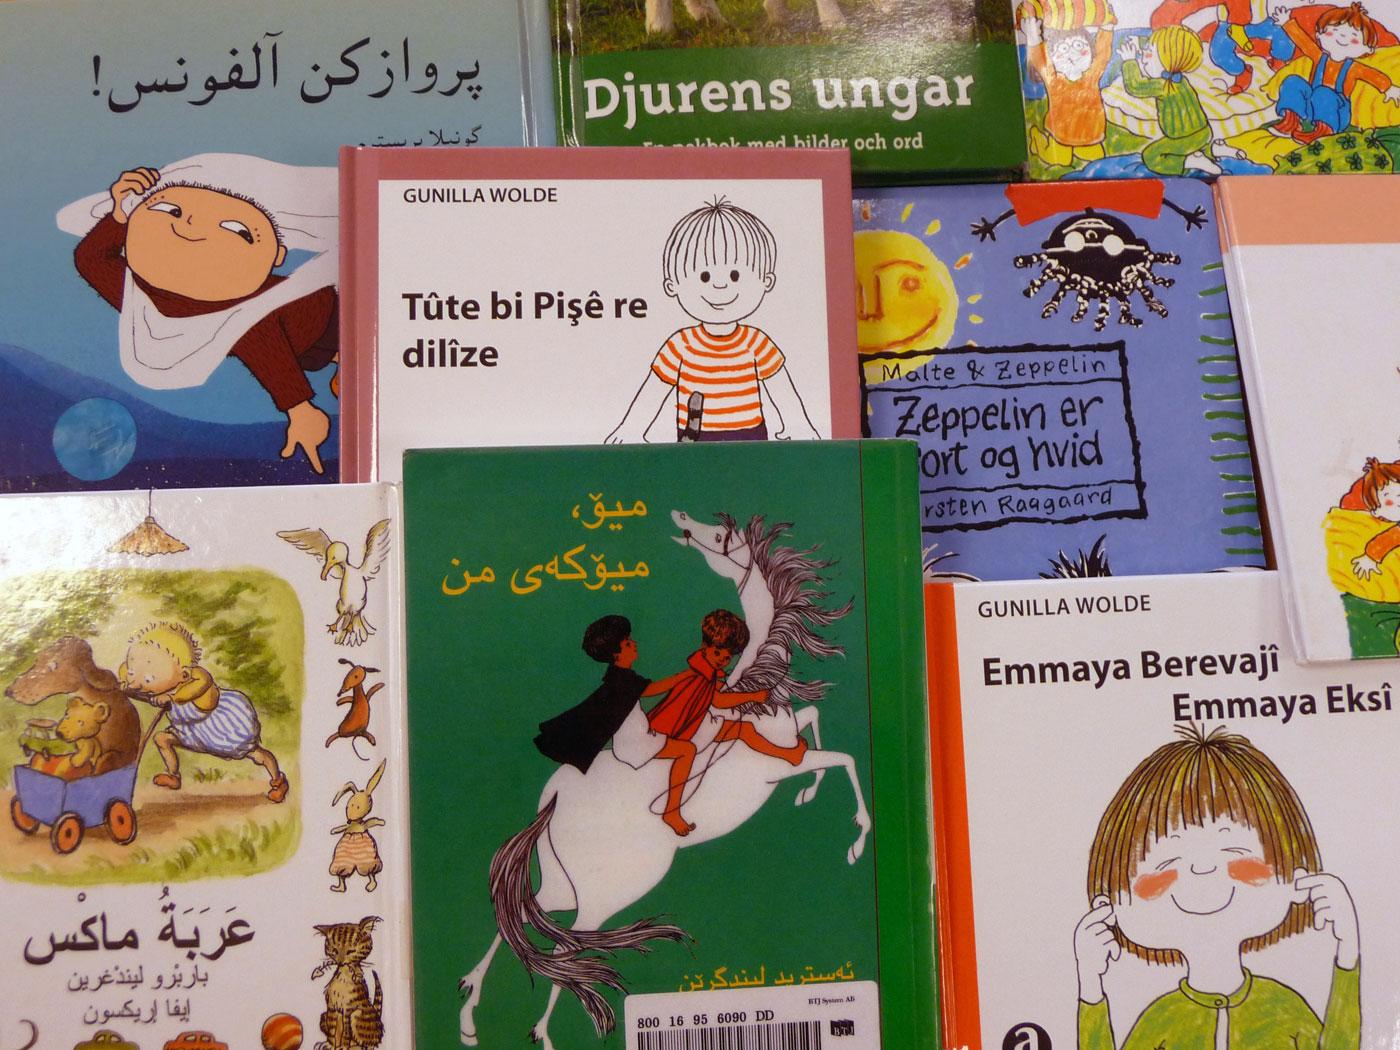 Sagoböcker på främmande språk Foto:Lisbeth Svensson